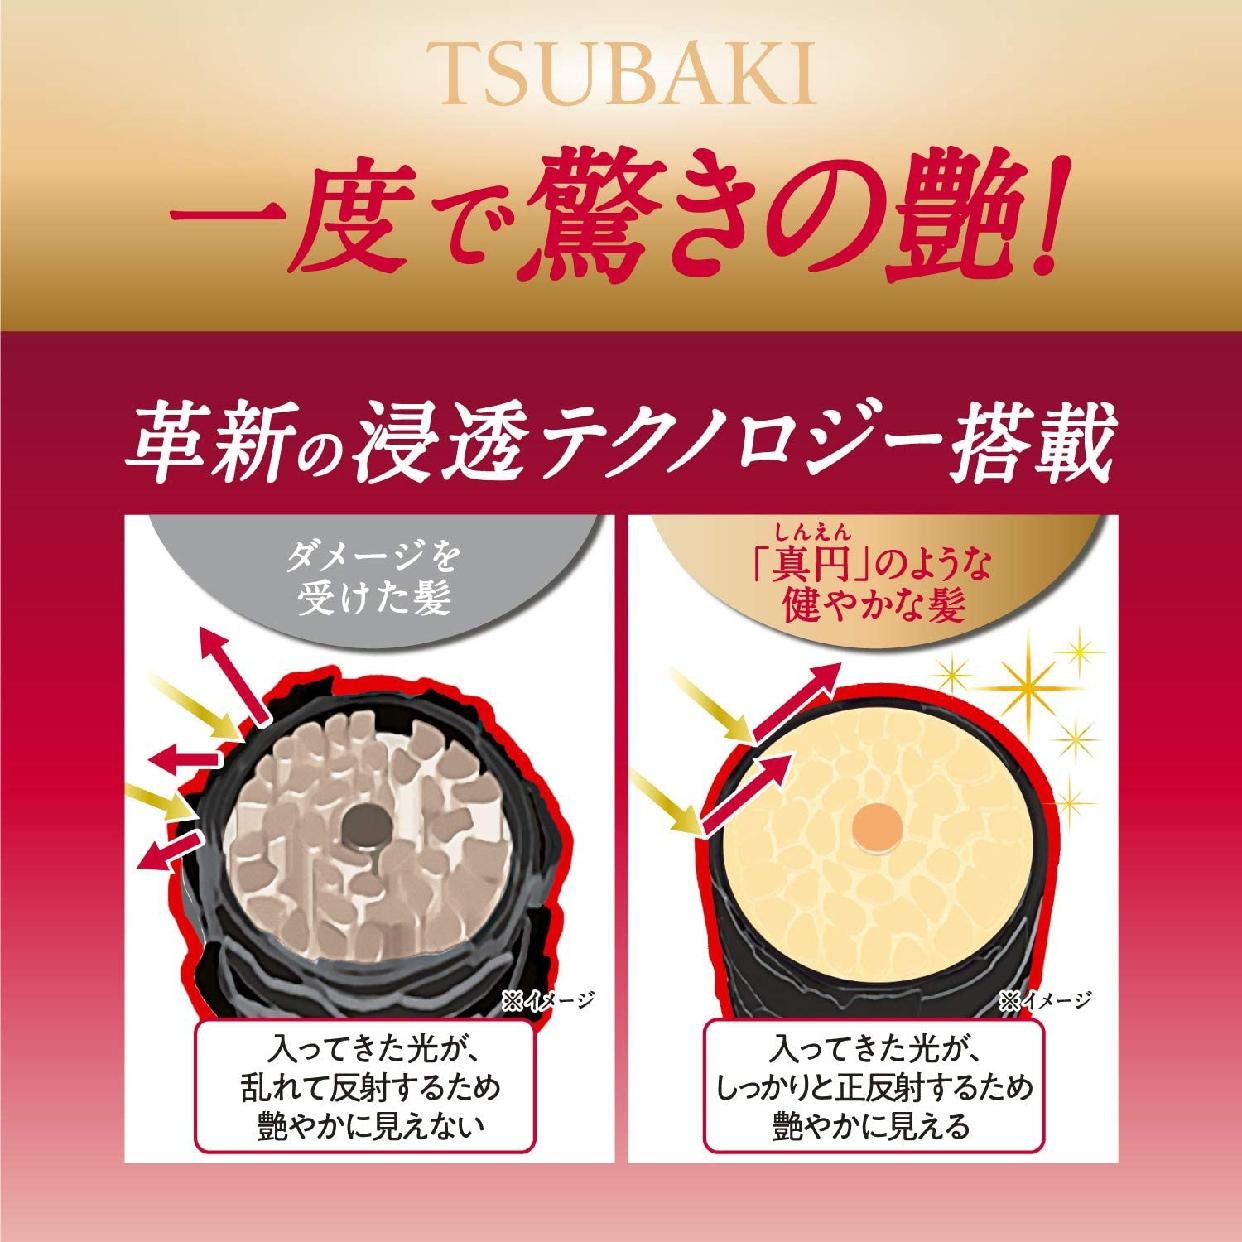 TSUBAKI(ツバキ) プレミアムモイストシャンプーの商品画像11